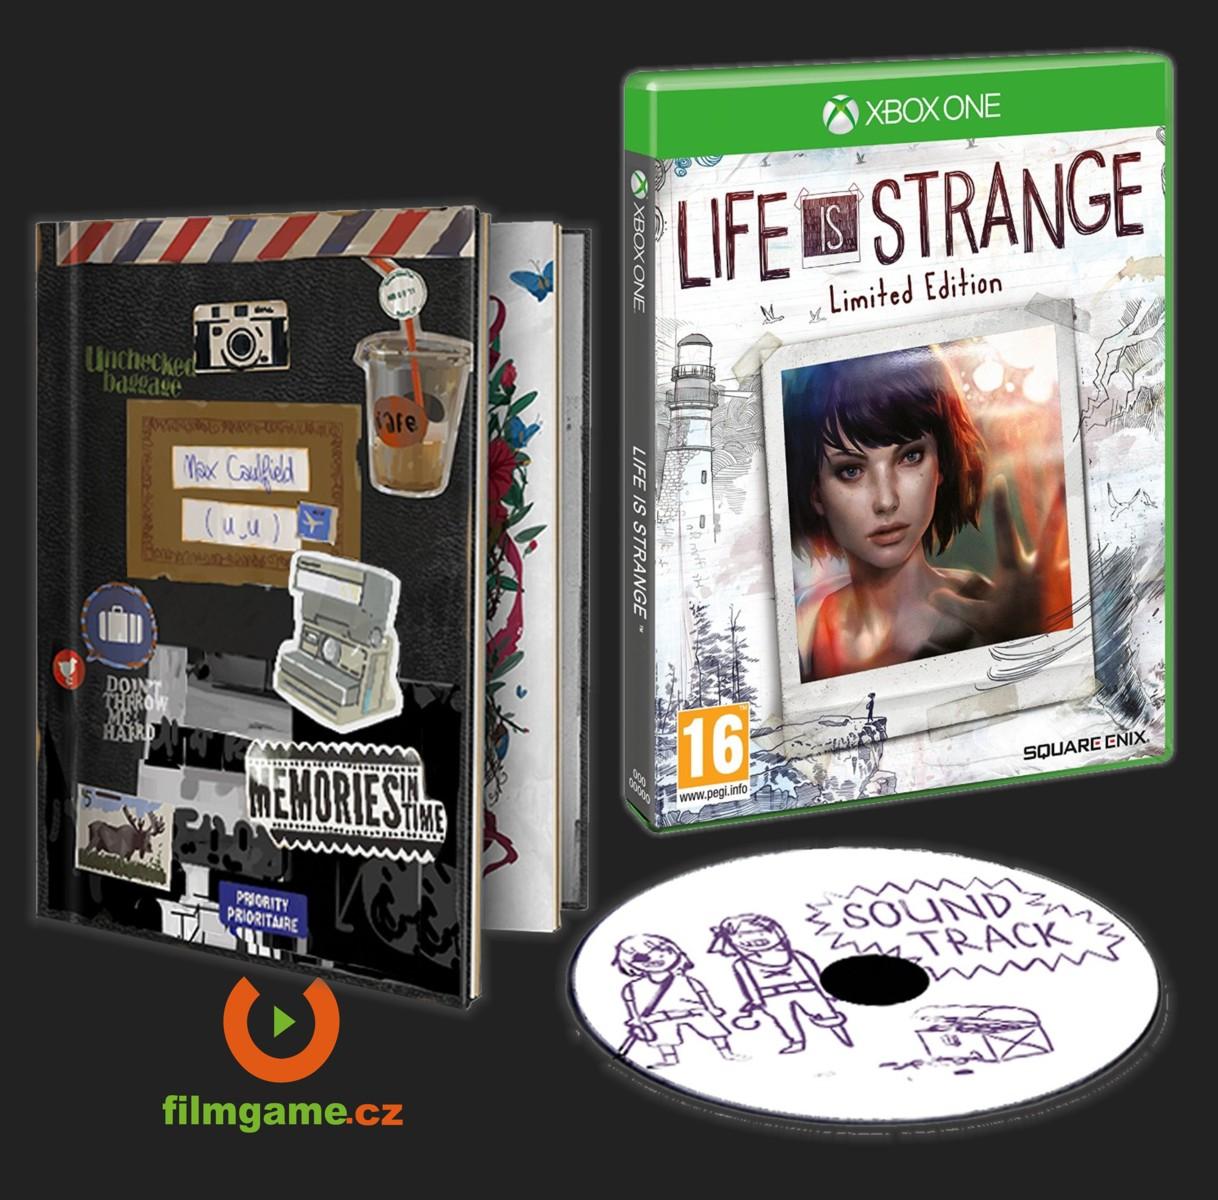 LIFE IS STRANGE LIMITED EDITION - Xone